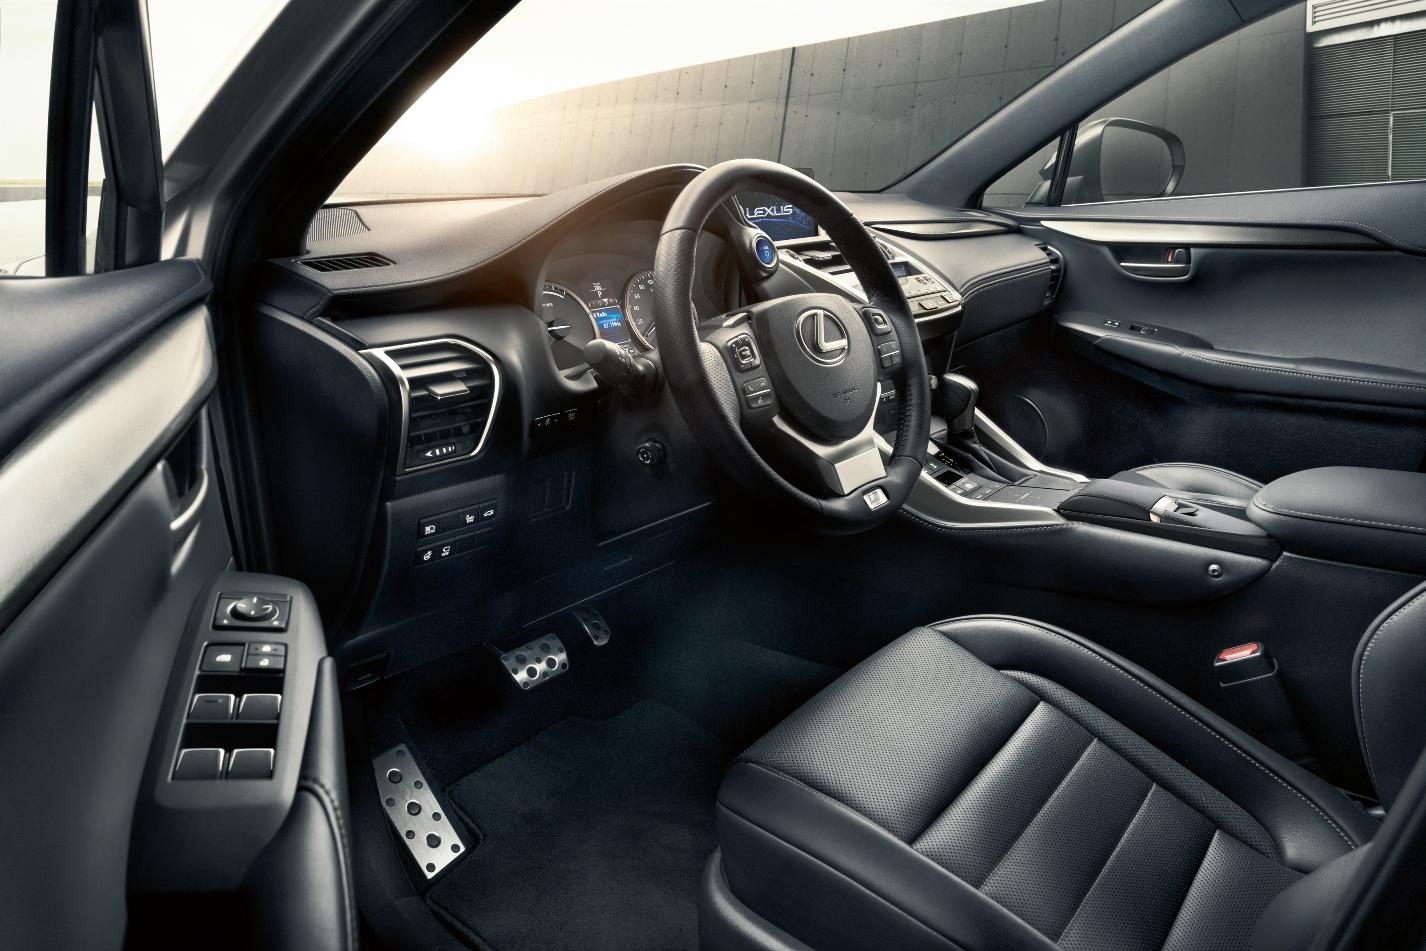 Бренд Lexus был создан в 1989 году и завоевал всемирную известность благодаря стремлению к совершенству, выдающемуся качеству и передовой высокотехнологичной продукции